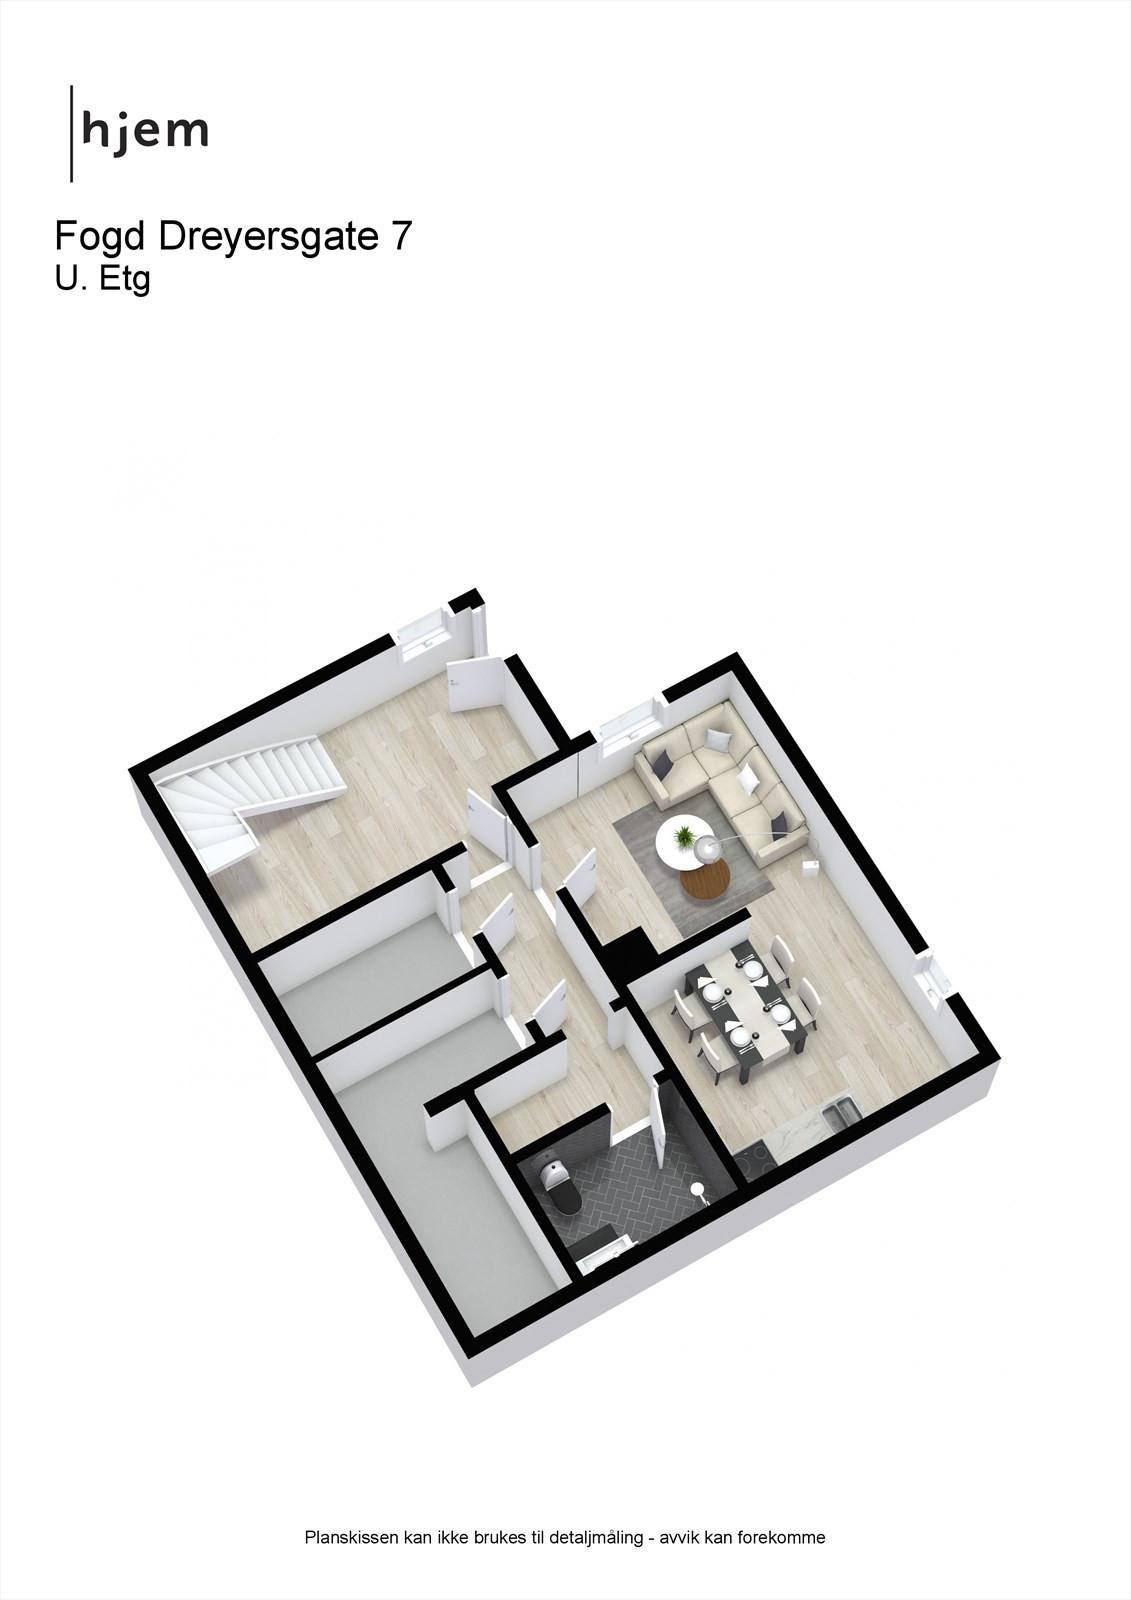 Fogd Dreyersgate 7 - 3D - U. Etg